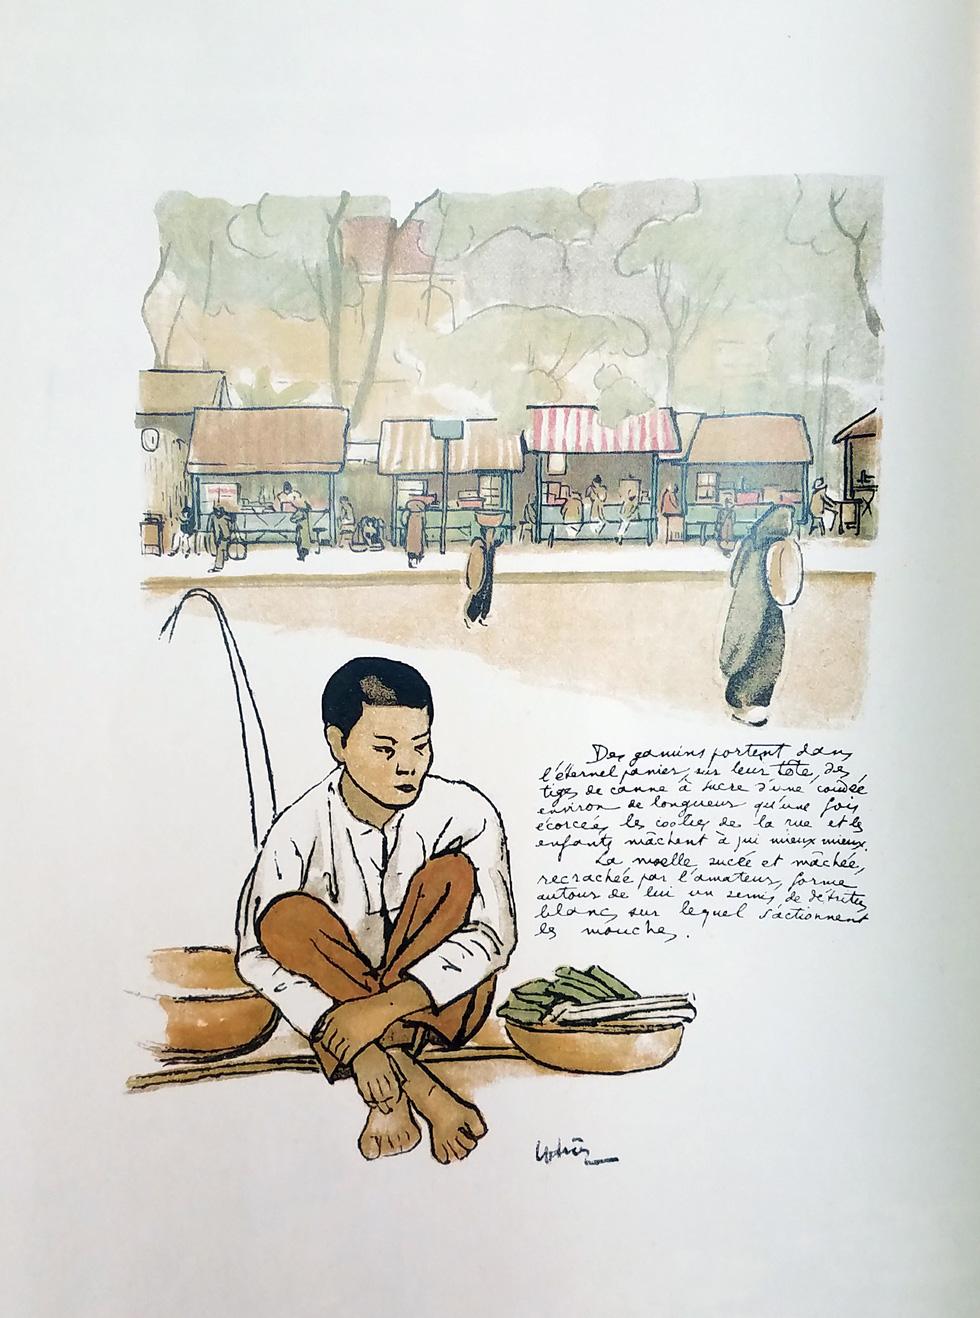 Ngắm hàng rong và nghe tiếng rao hàng trên phố Hà Nội xưa - Ảnh 11.